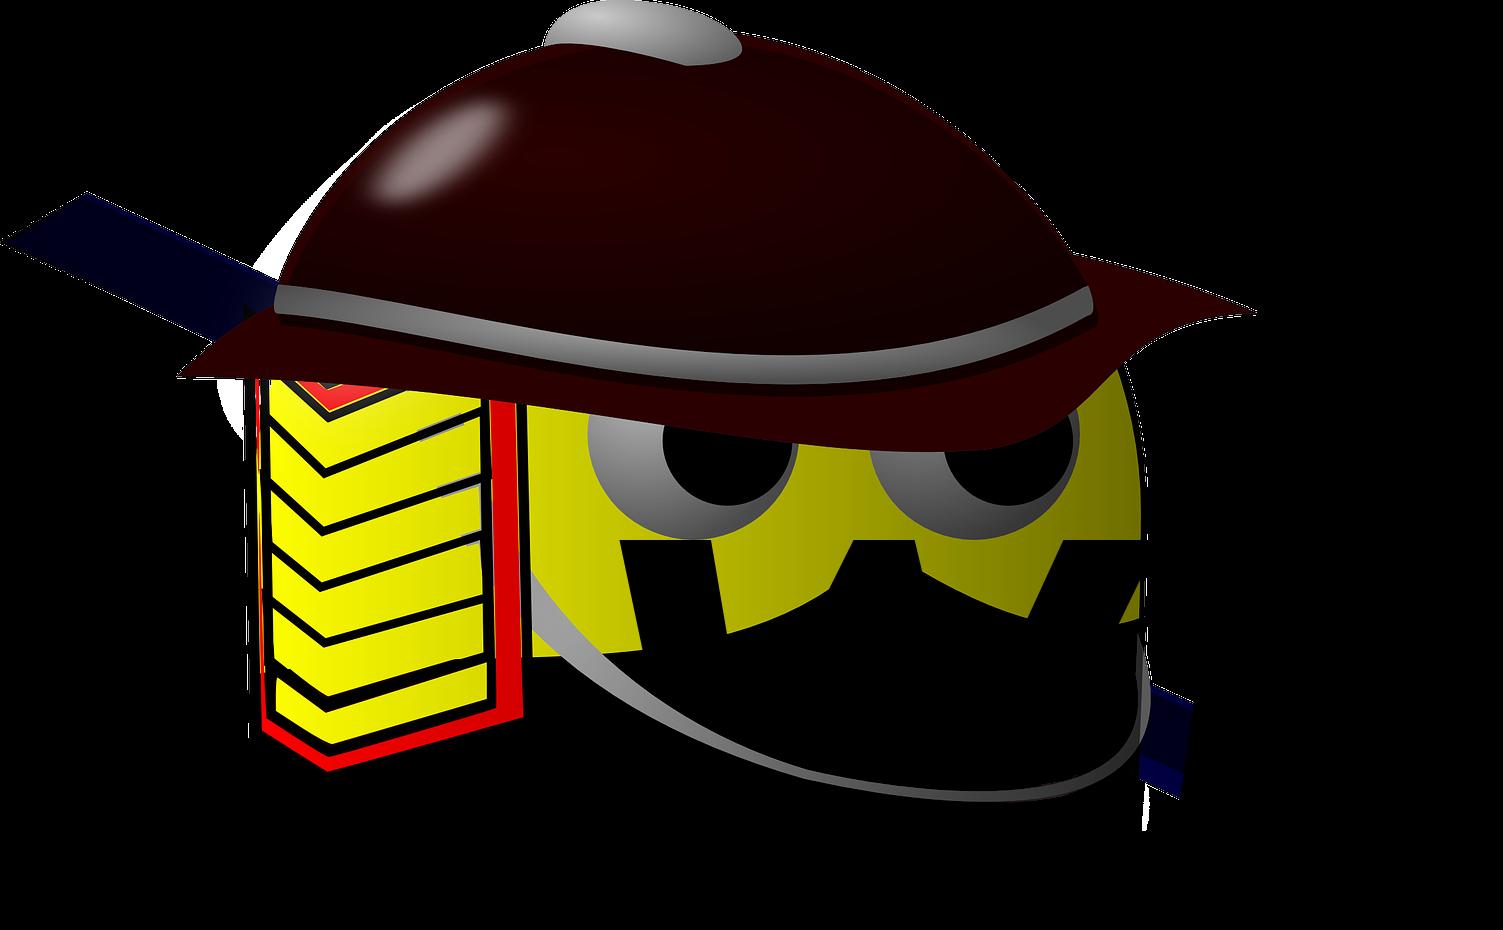 SamuraiWP